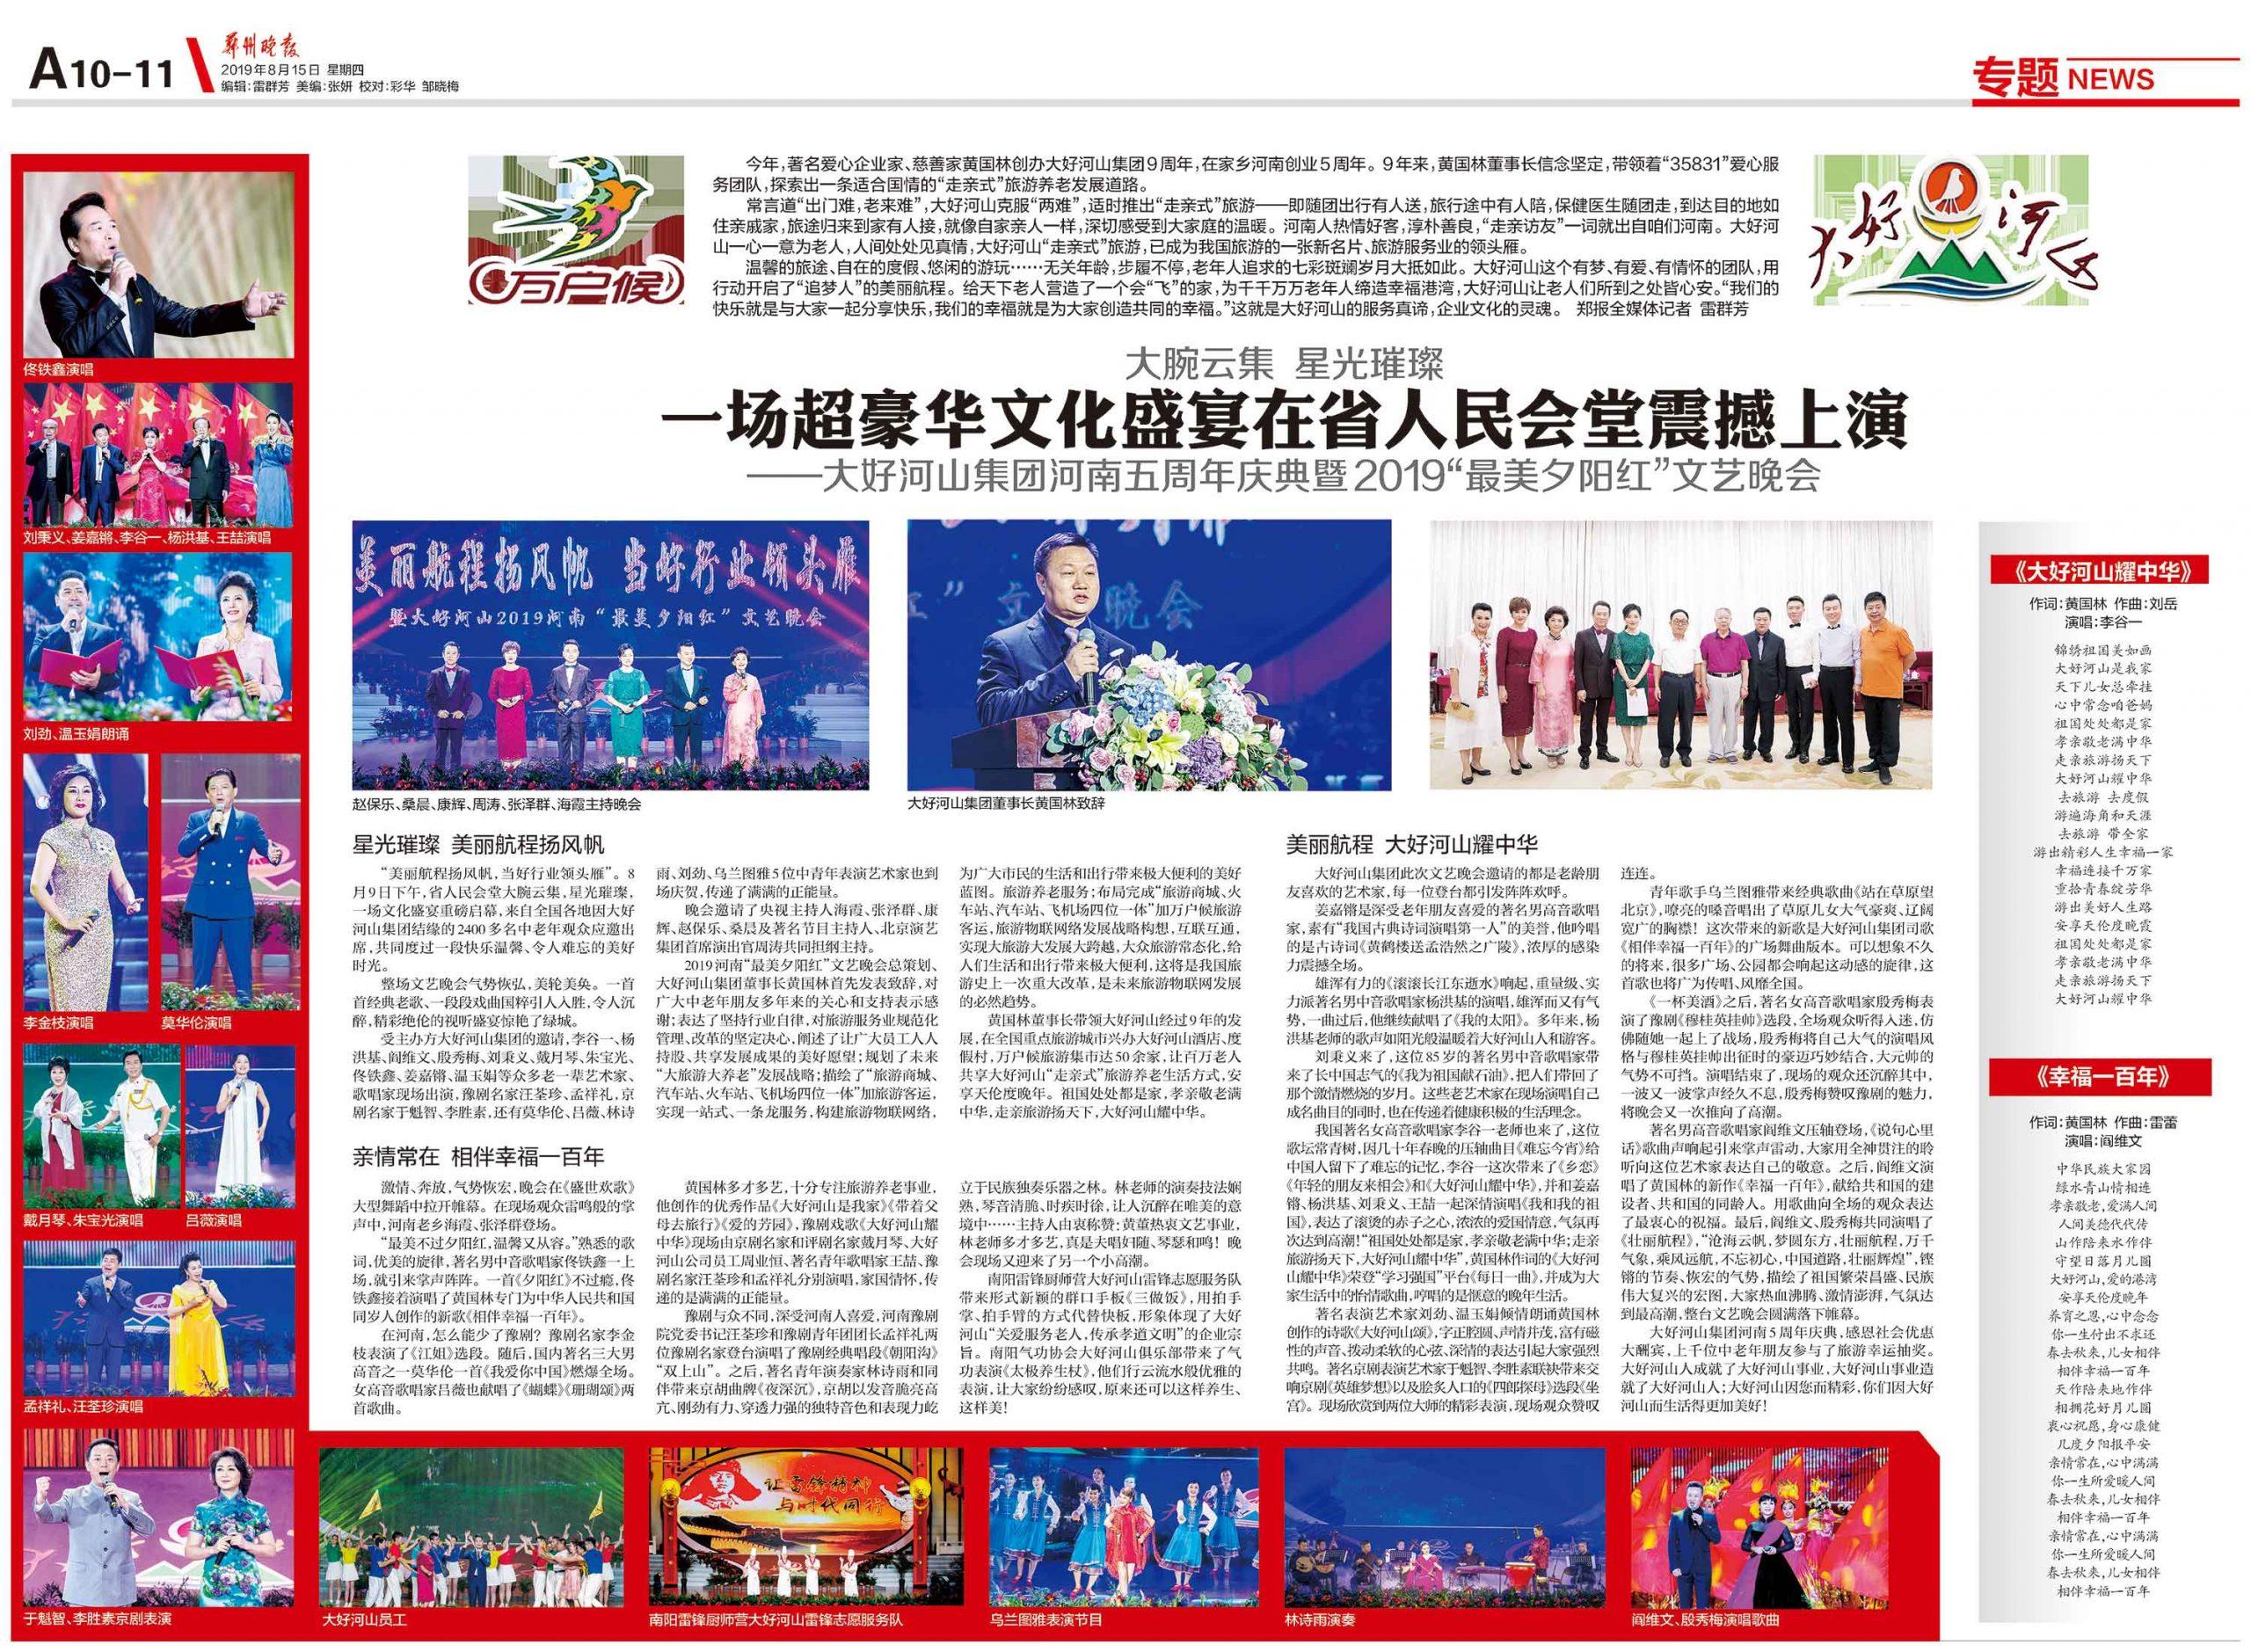 郑州晚报 2019-08-15 A10-11